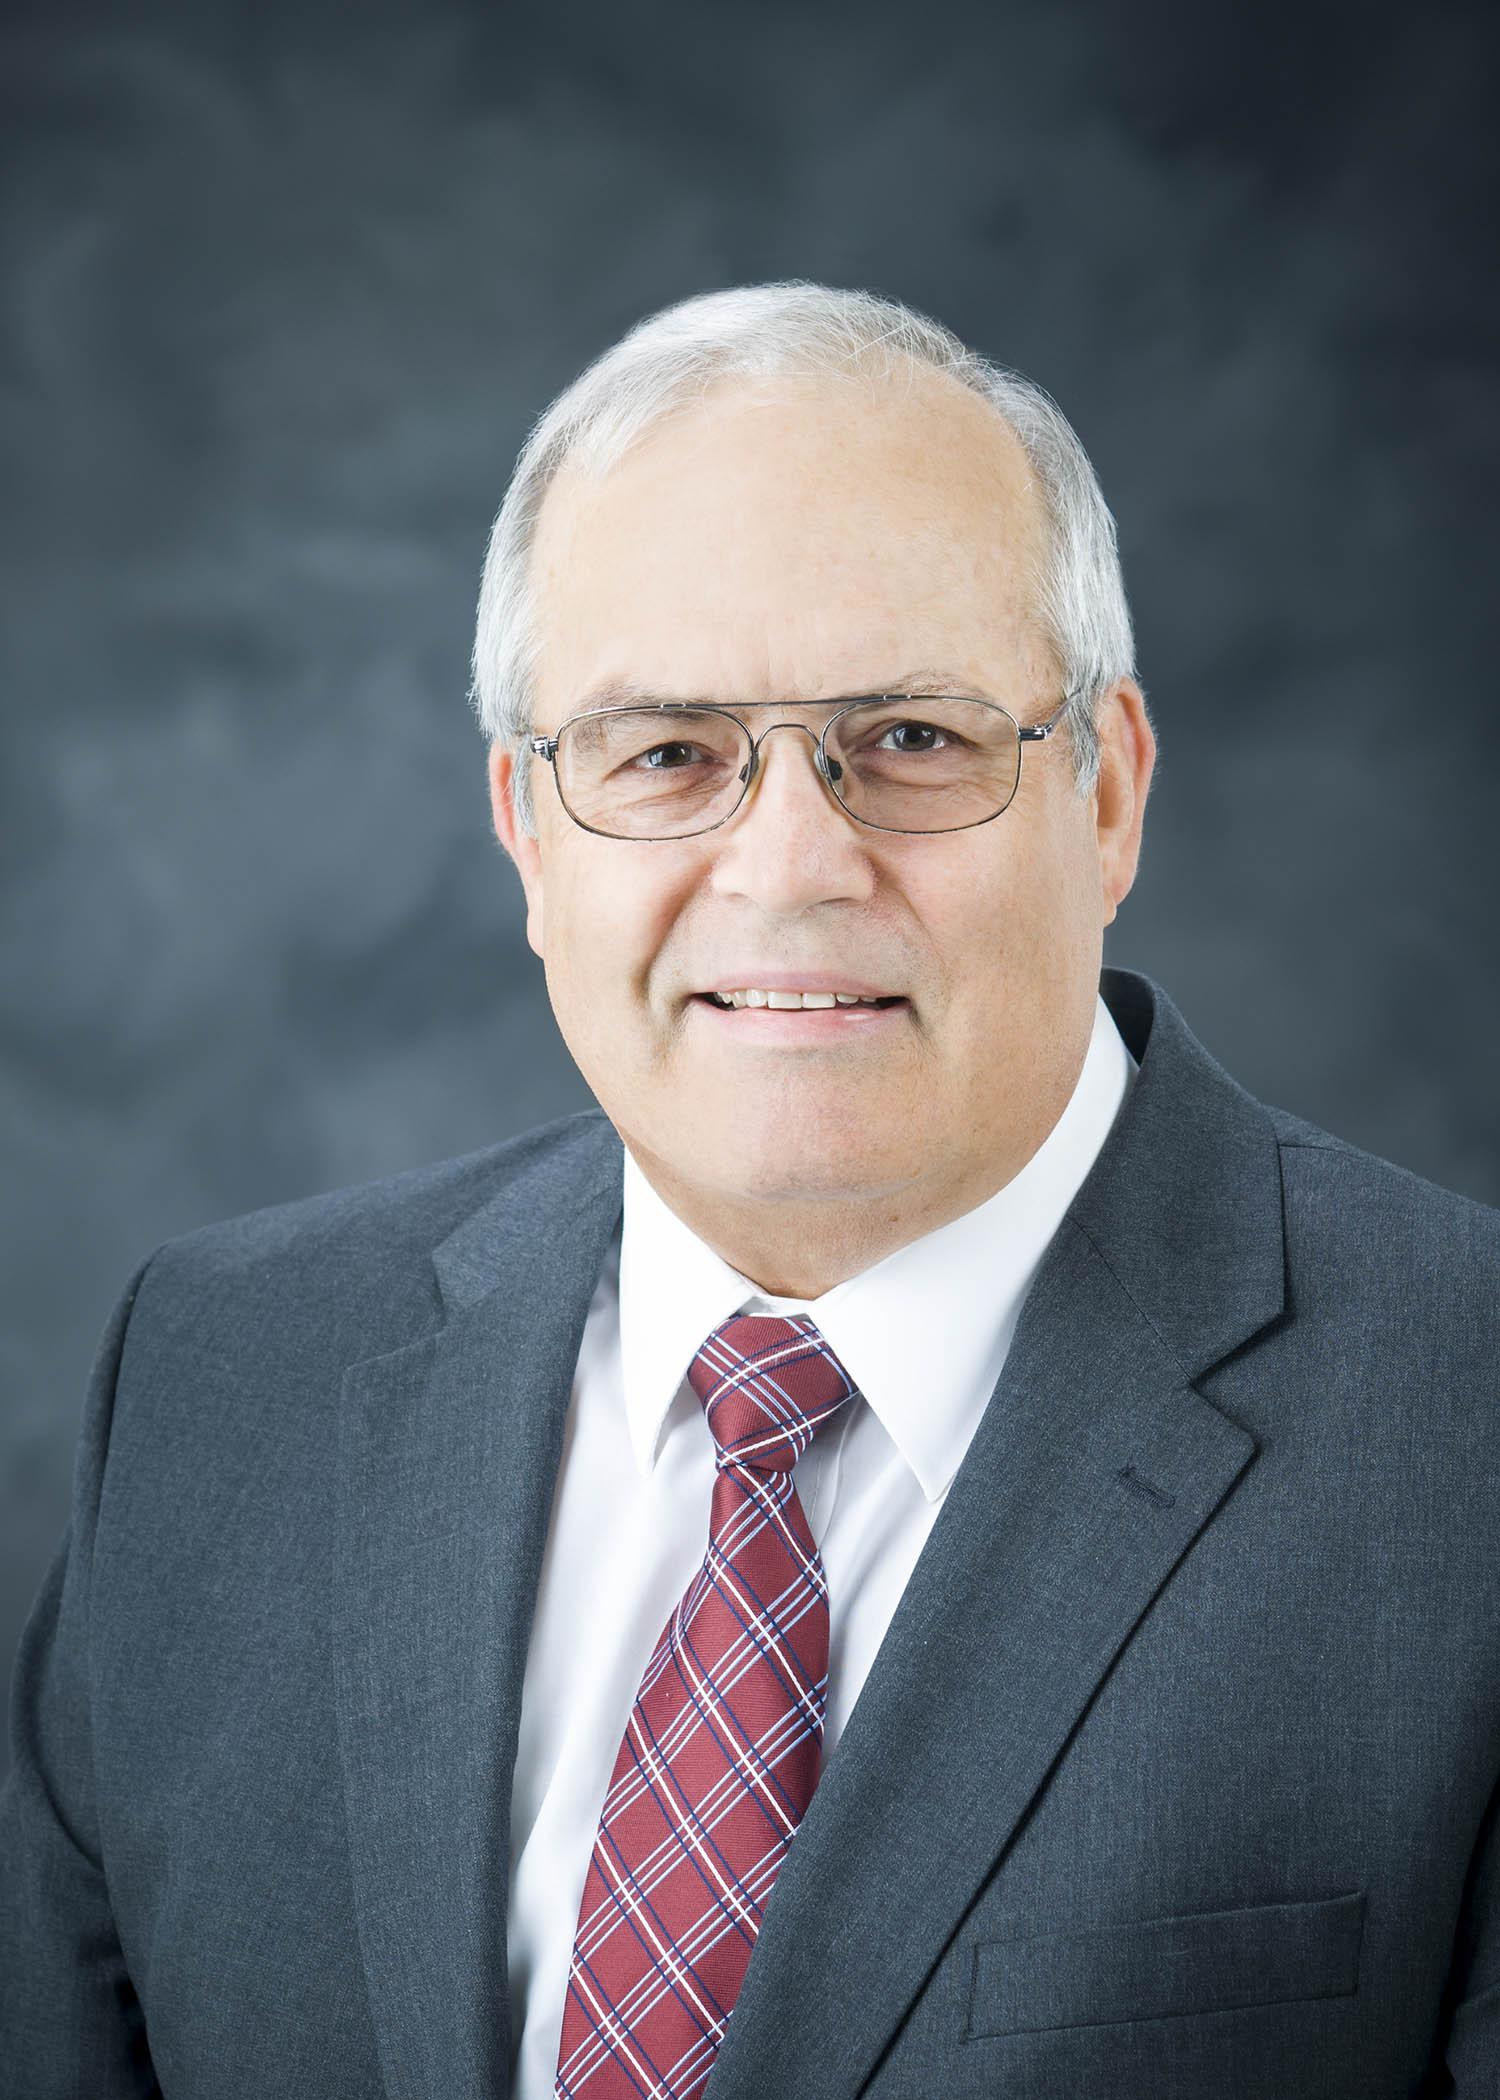 Dr. Robert Linford